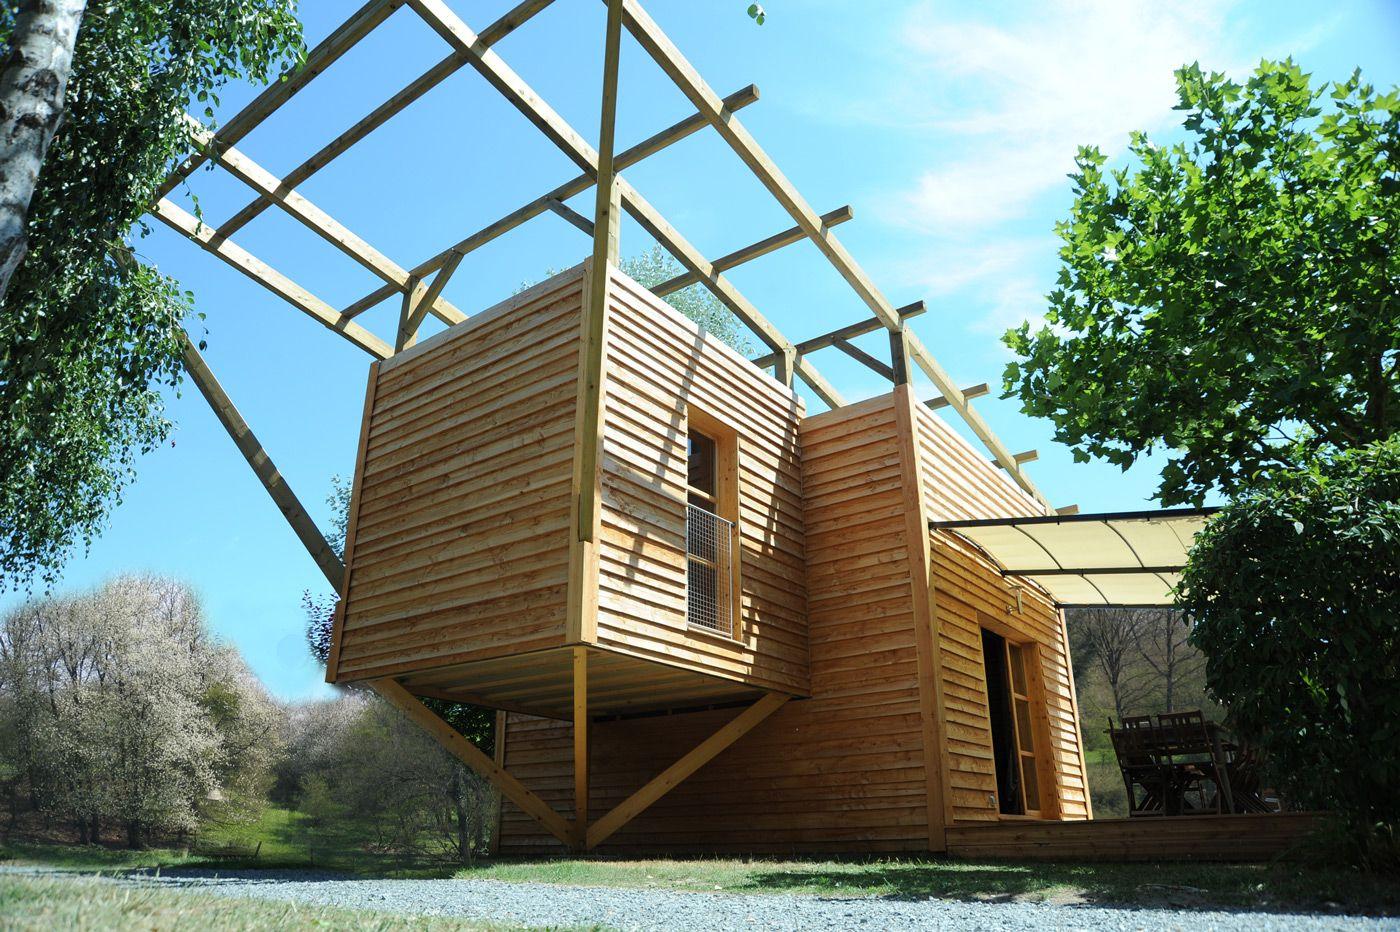 volca 39 lodges h tel ecolodge auvergne proche vulcania et clermont ferrand vive le france. Black Bedroom Furniture Sets. Home Design Ideas